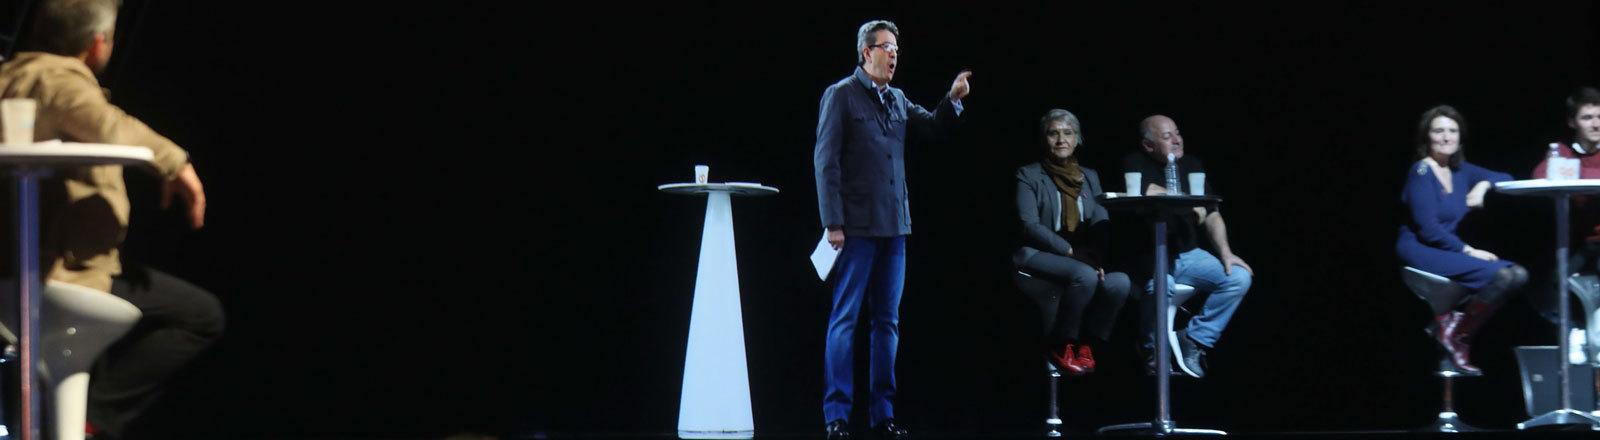 Der französische Präsidentschaftskandidat Jean-Luc Mélenchon wird als Hologramm auf eine Pariser Bühne projiziert, während er seine Rede eigentlich in Lyon hält.